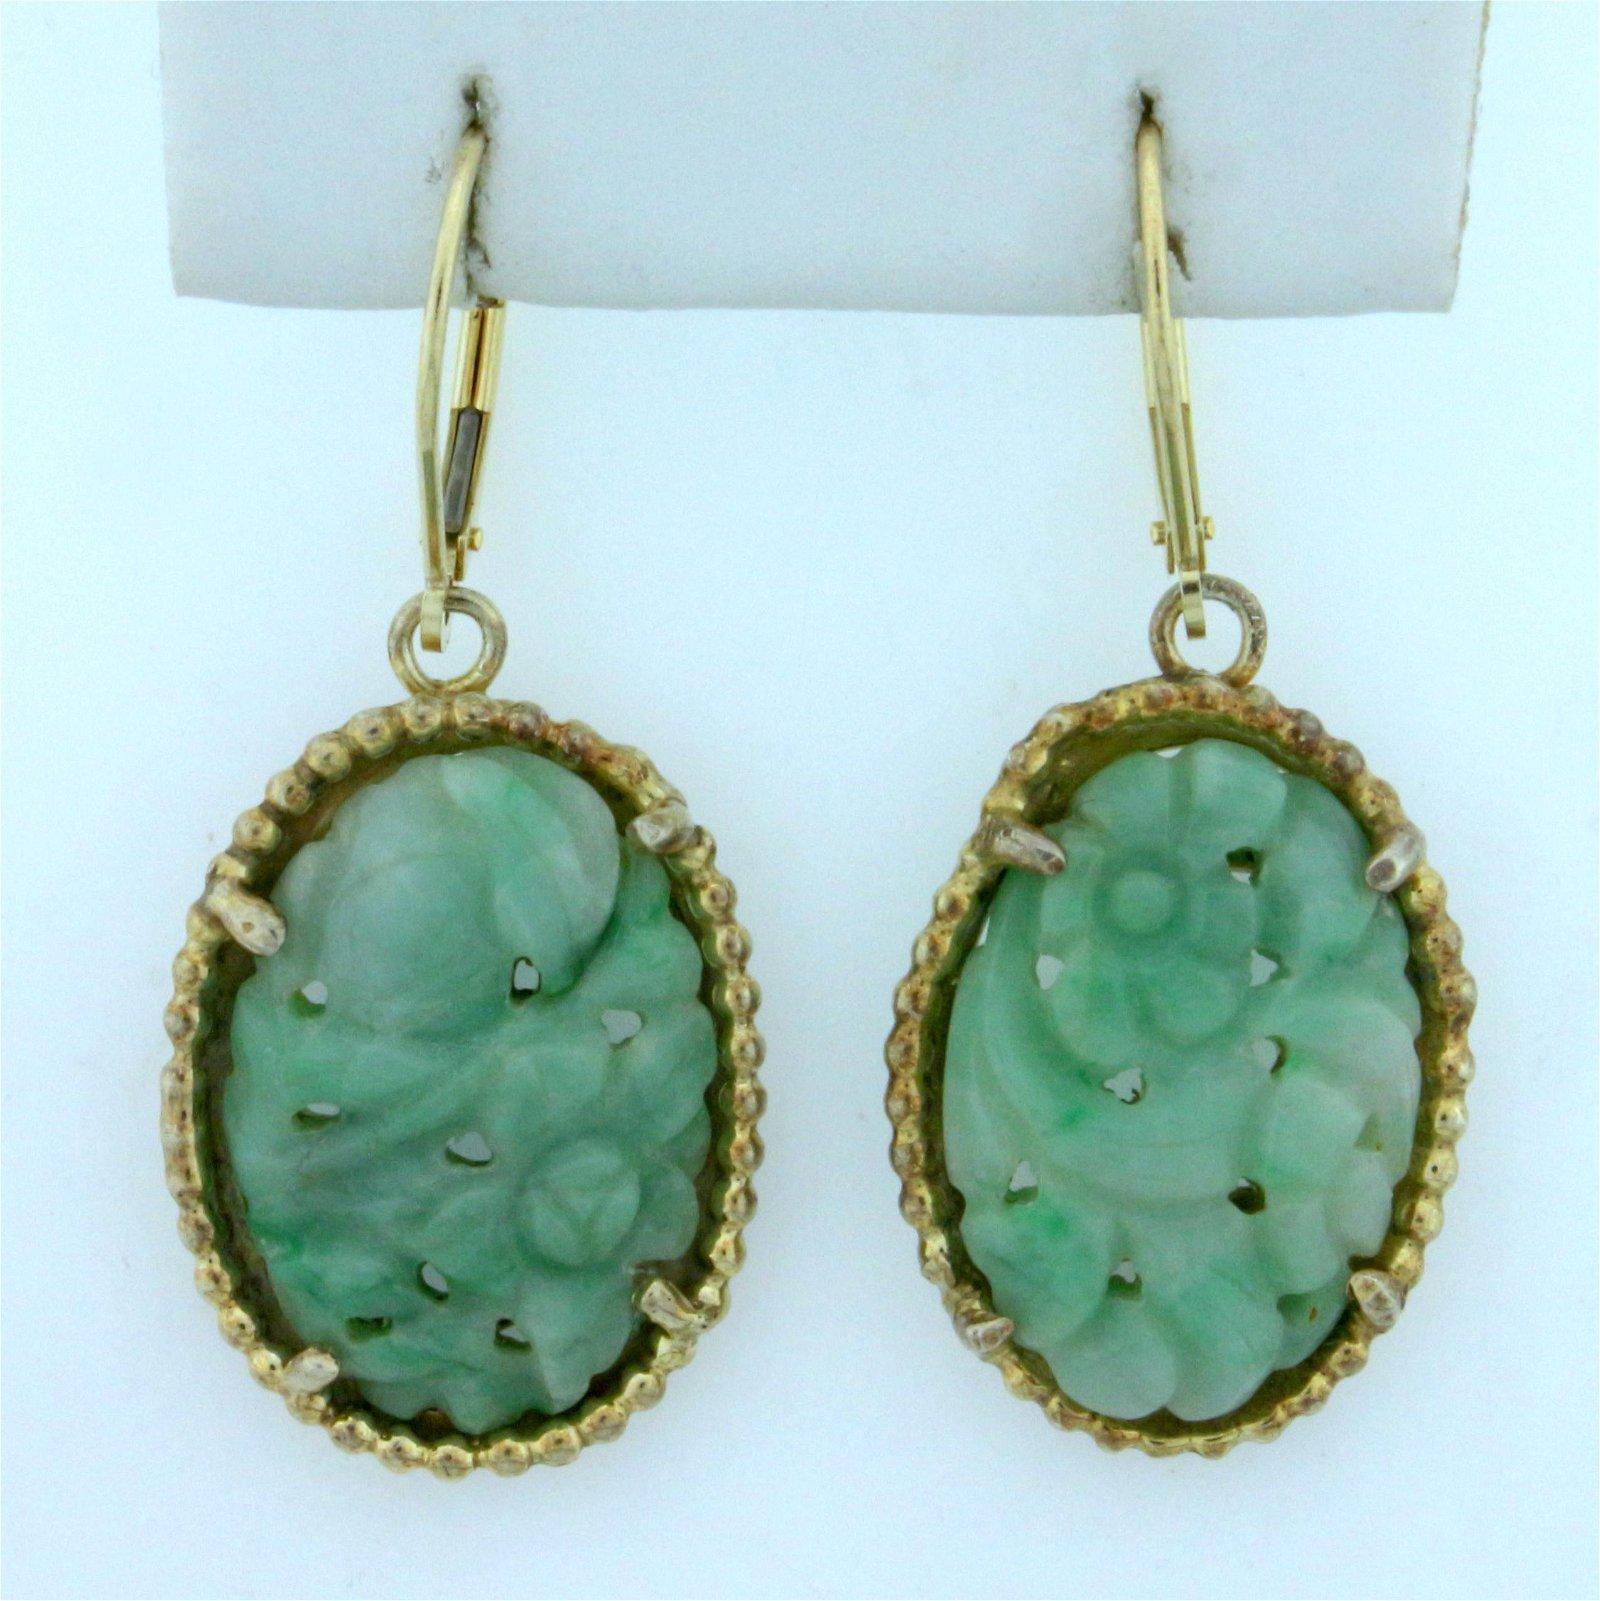 Vintage Hand Carved Jade Dangle Drop Earrings in 14K